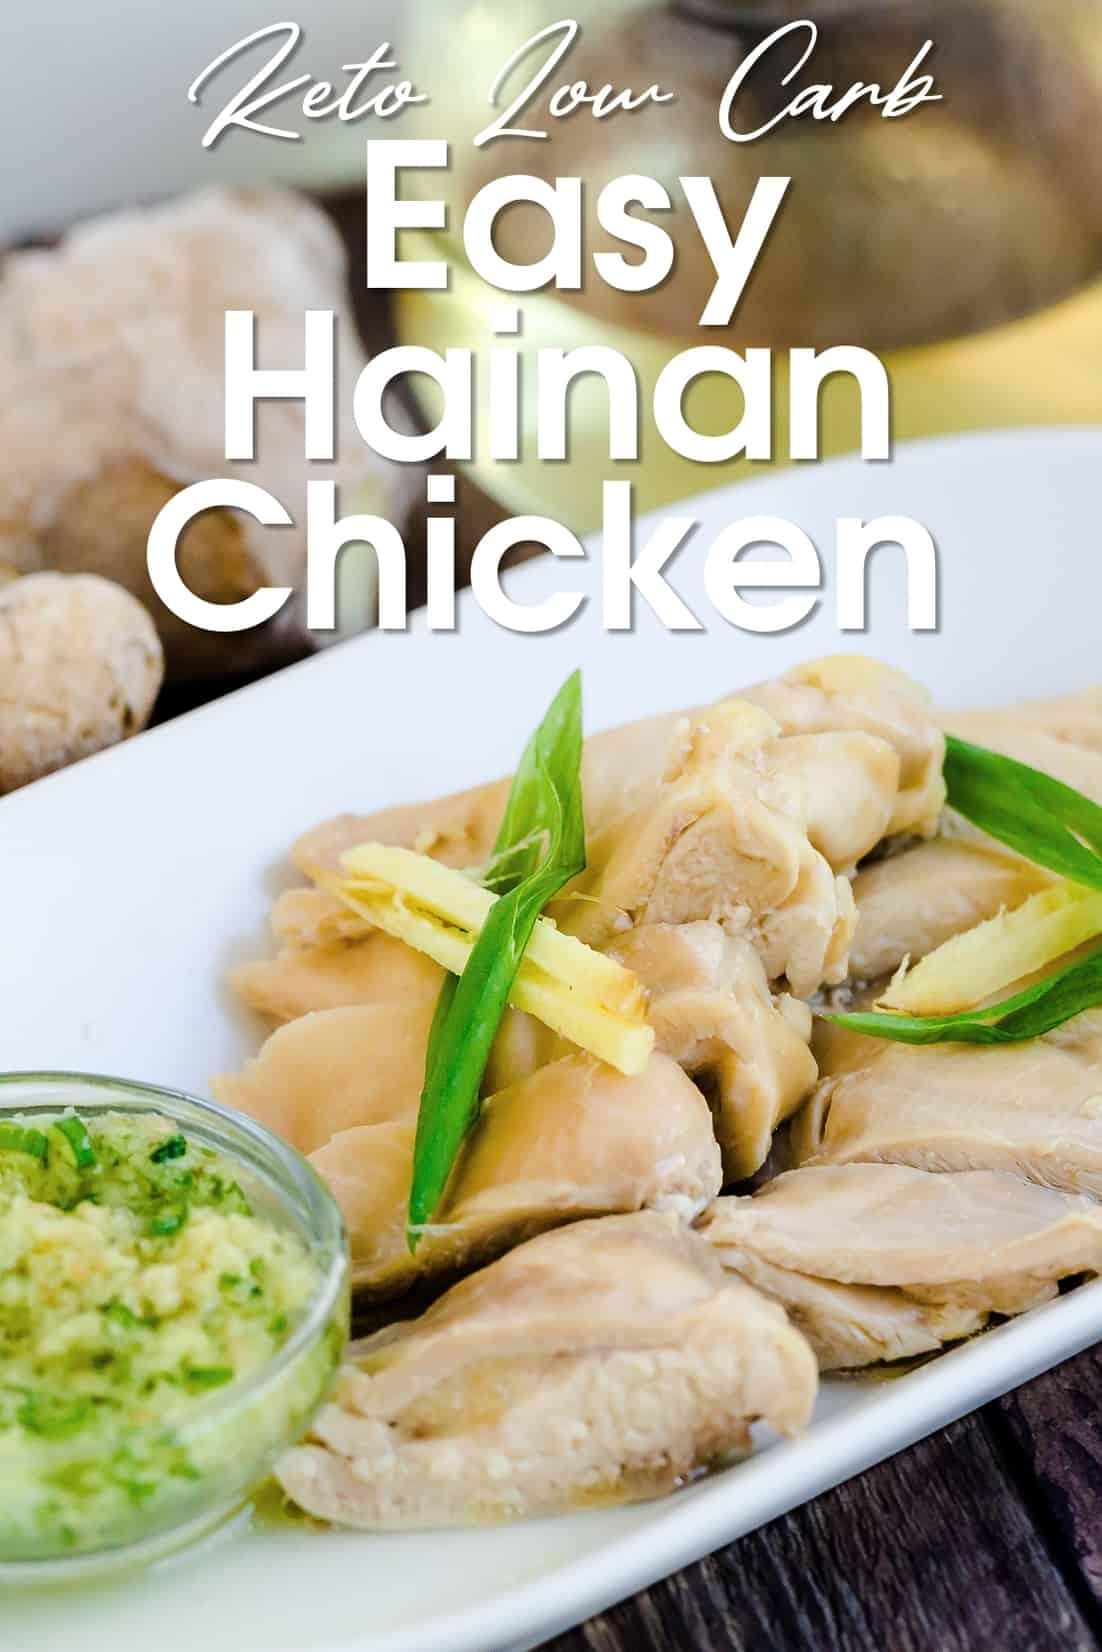 Easy Hainan Chicken